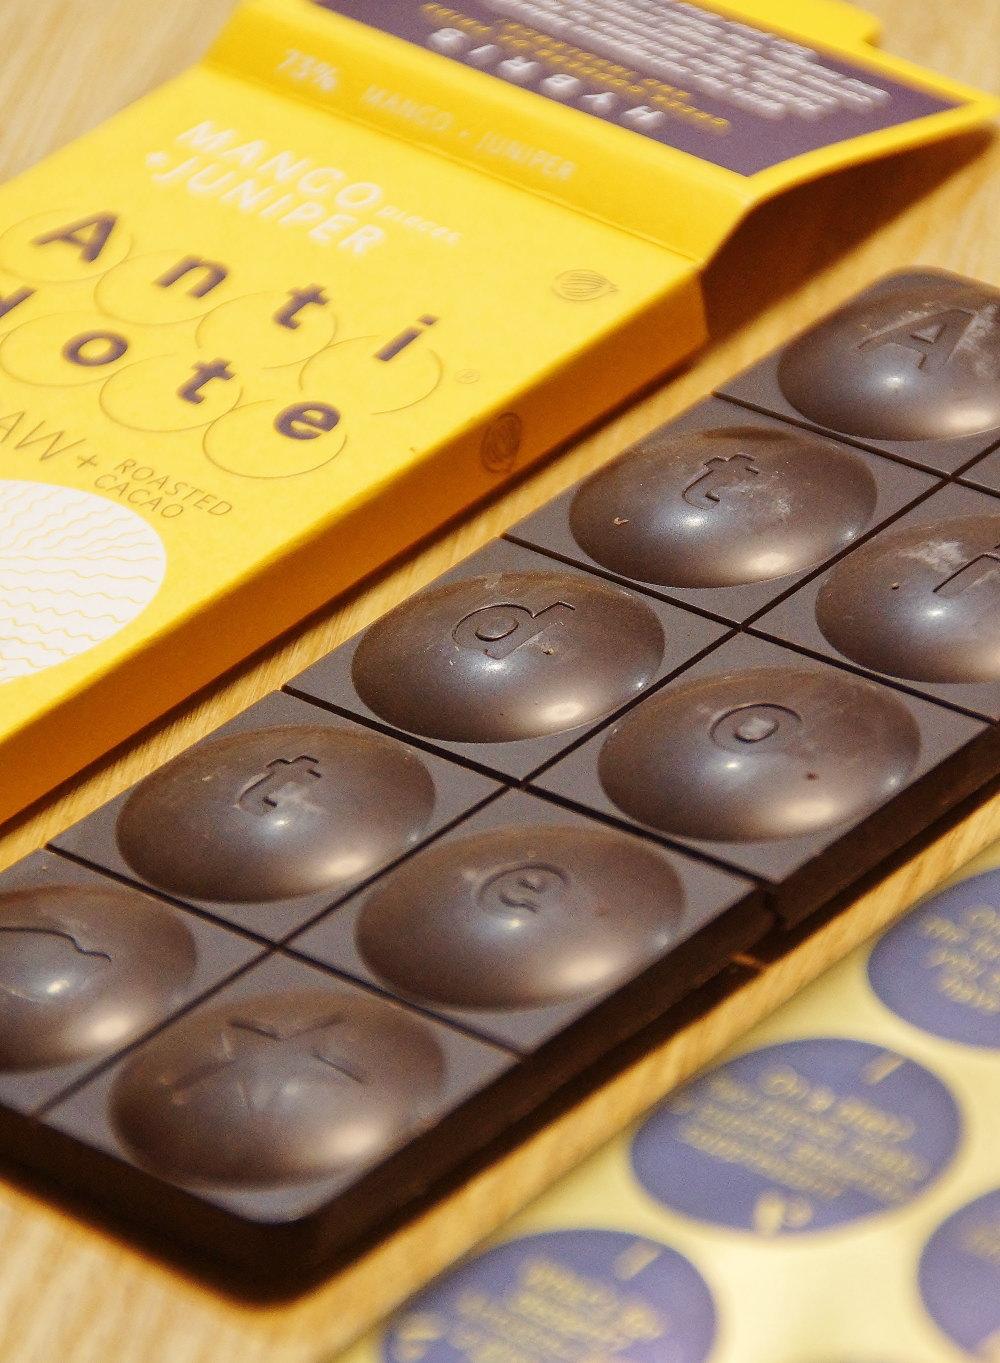 antidote1アンチドートチョコレートとは